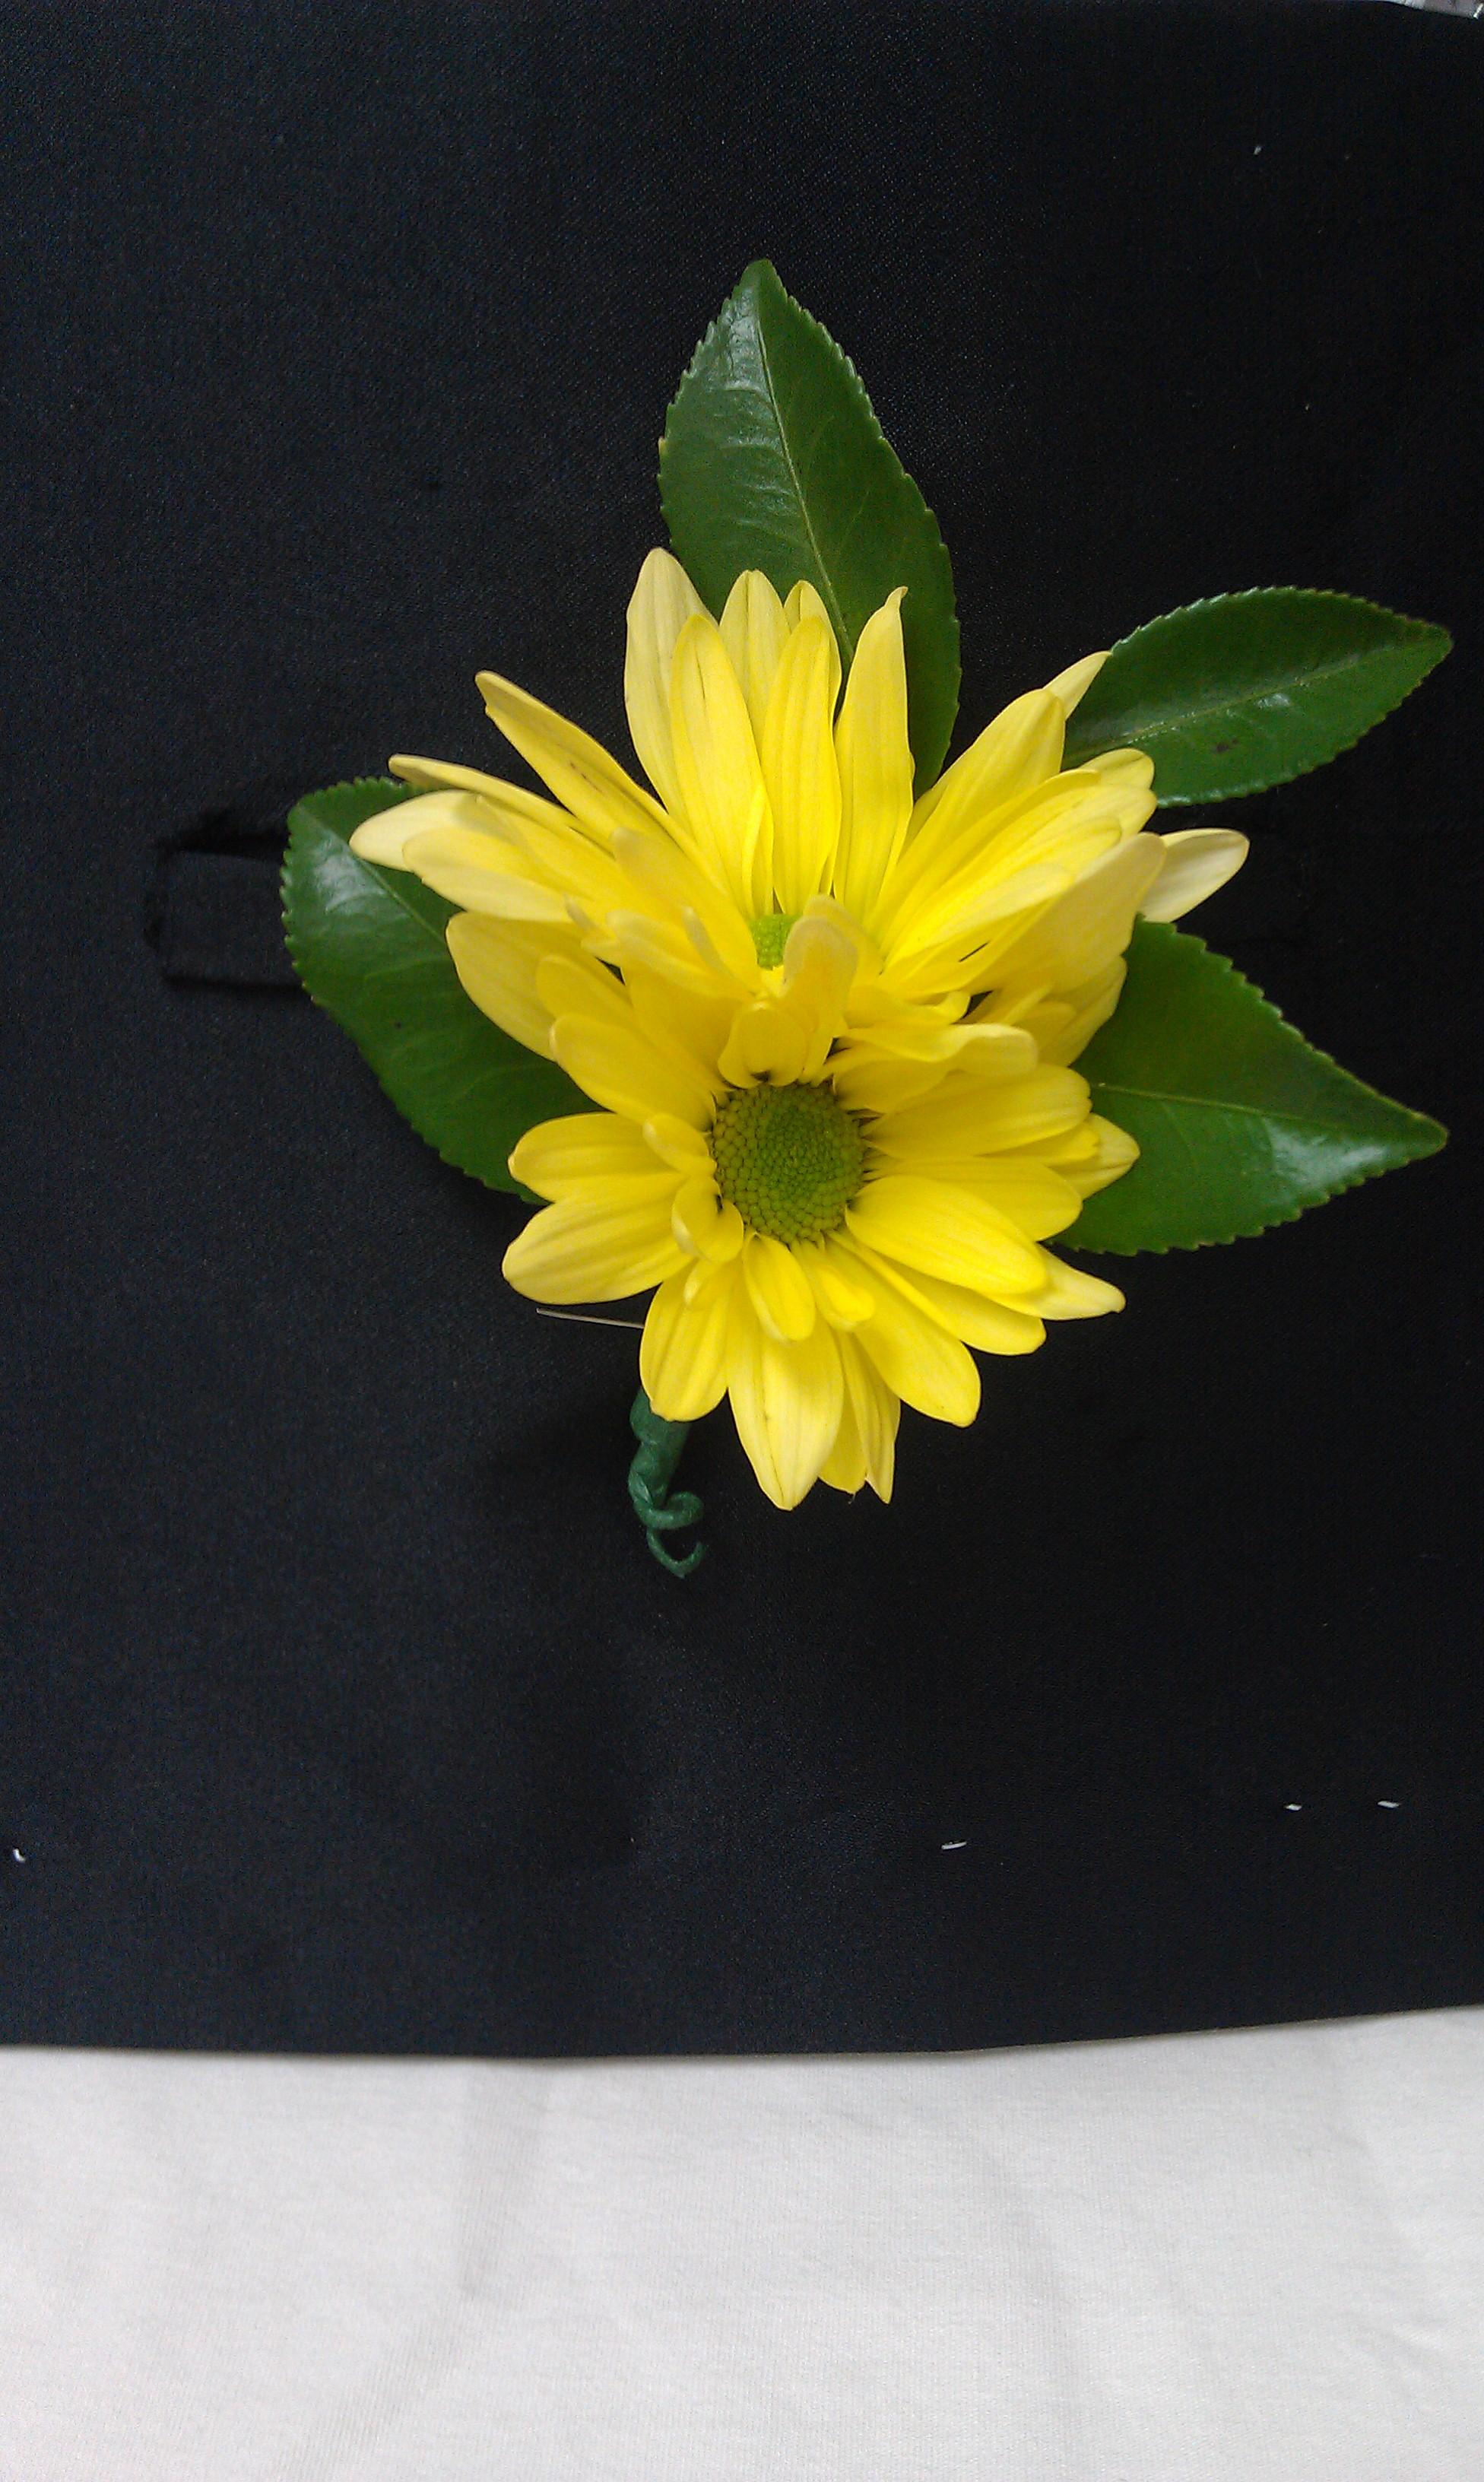 Yellow Daisy Boutonniere   Upstate Flower Market   1952 x 3264 jpeg 1312kB